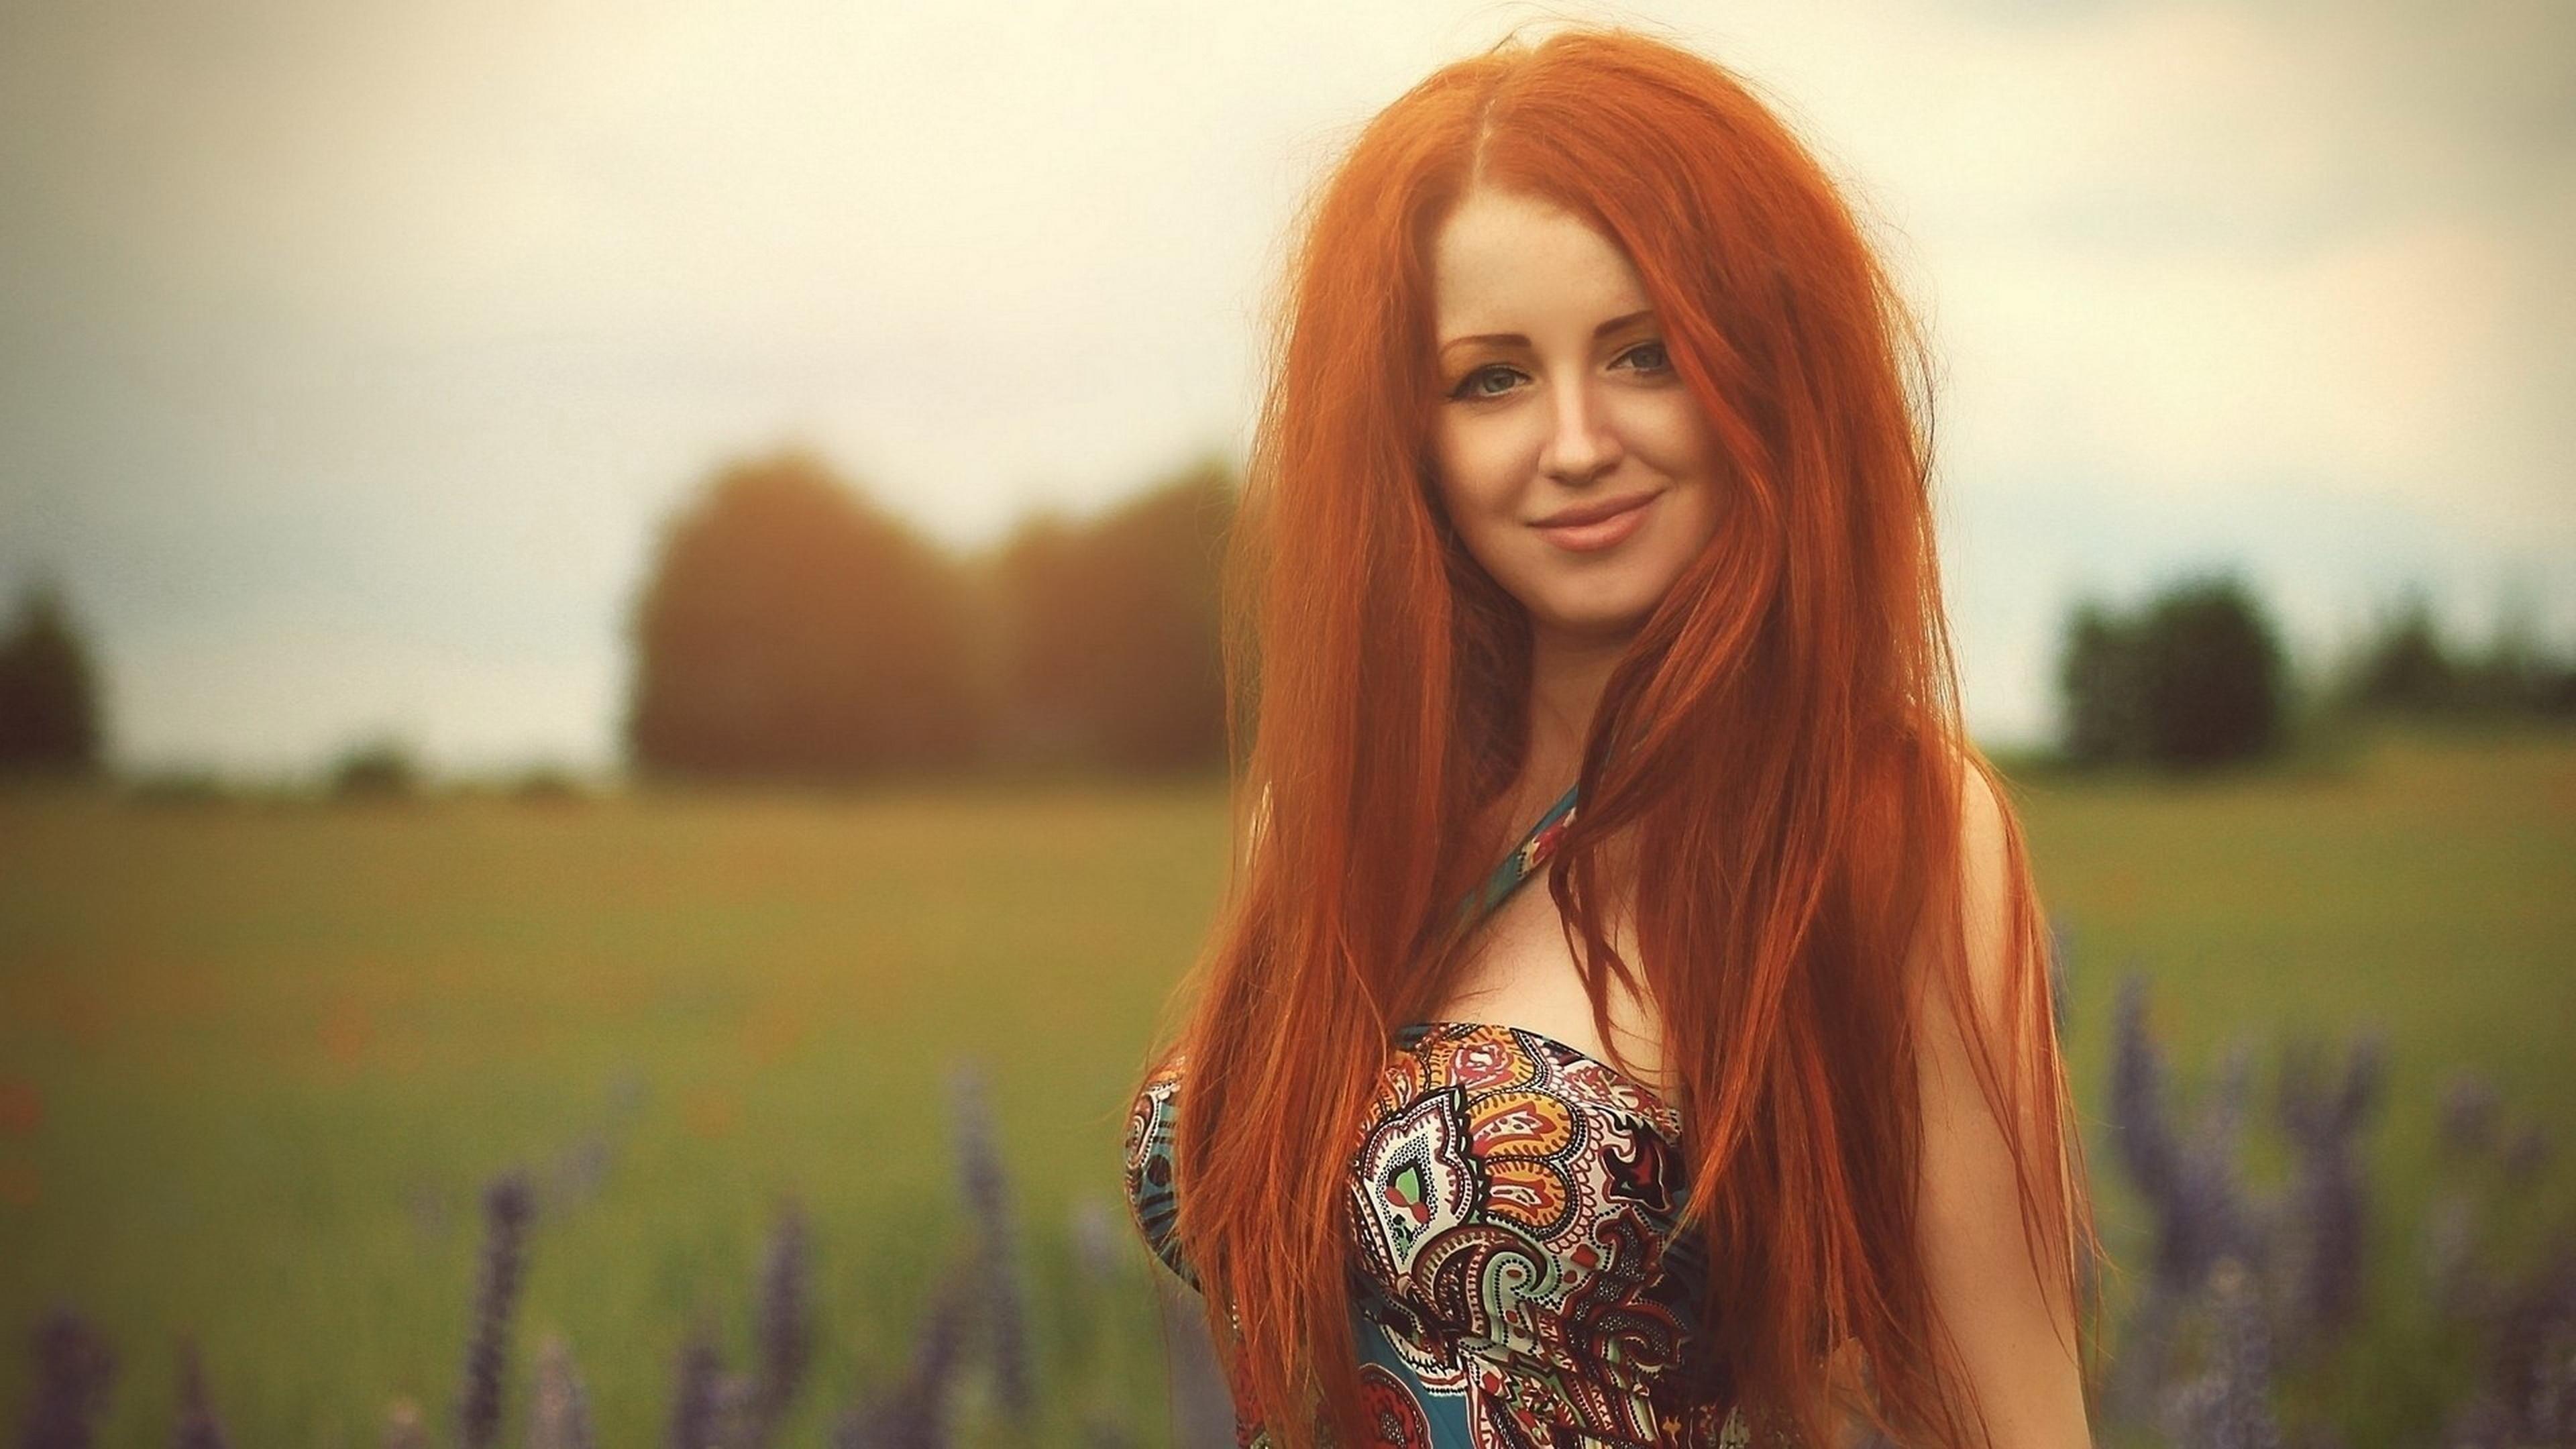 Самые красивые рыжие девушки мира 18 фотография